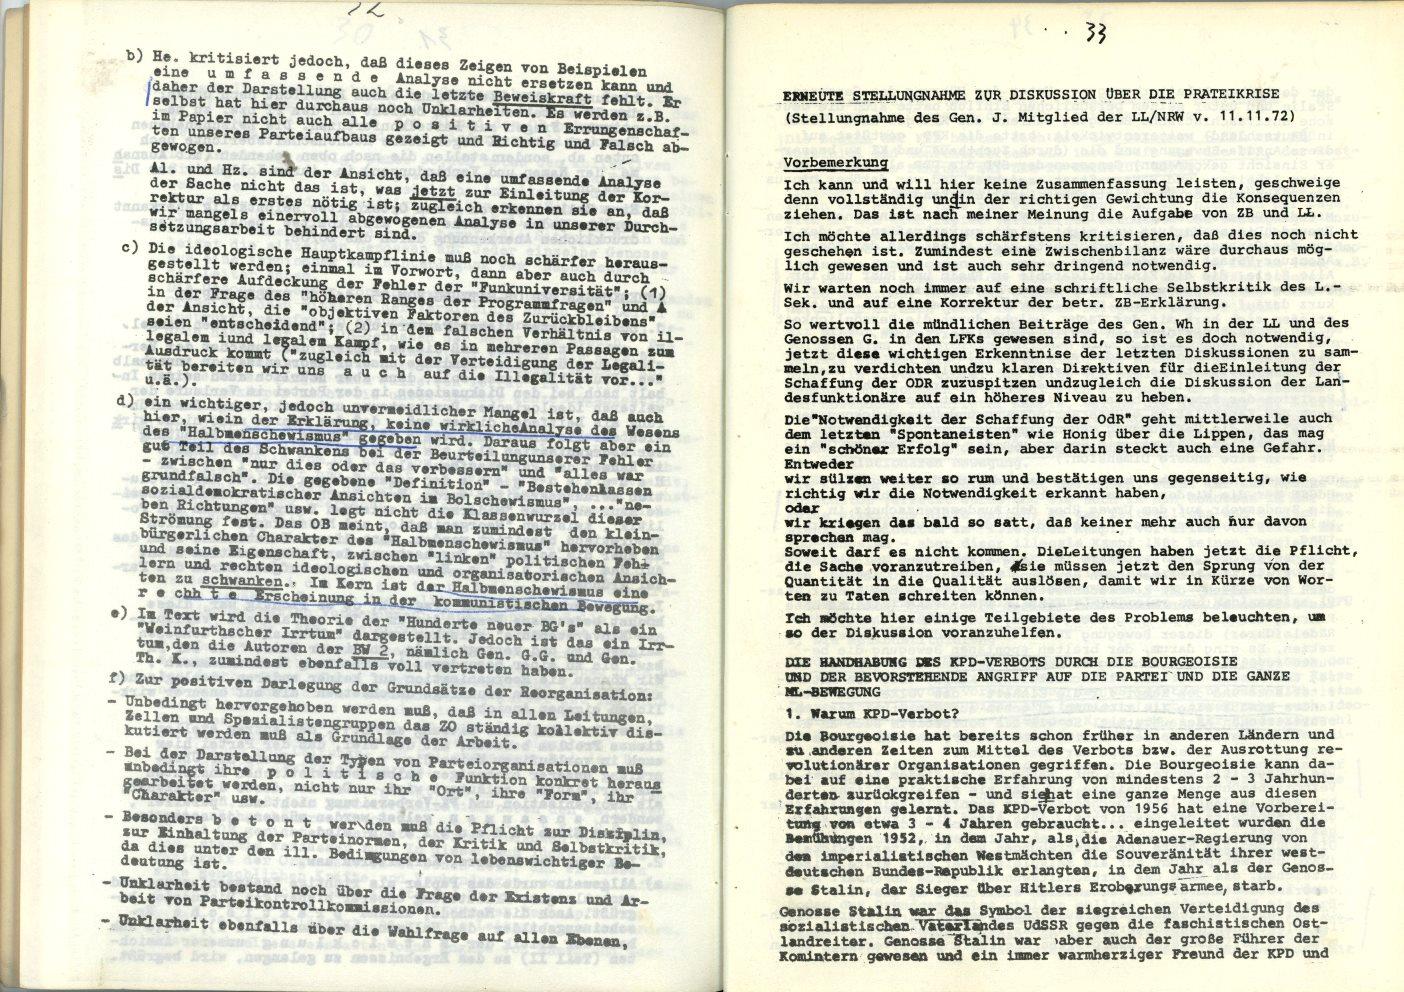 ZB_1972_Diskussionsorgan_zur_ersten_Parteikonferenz_19